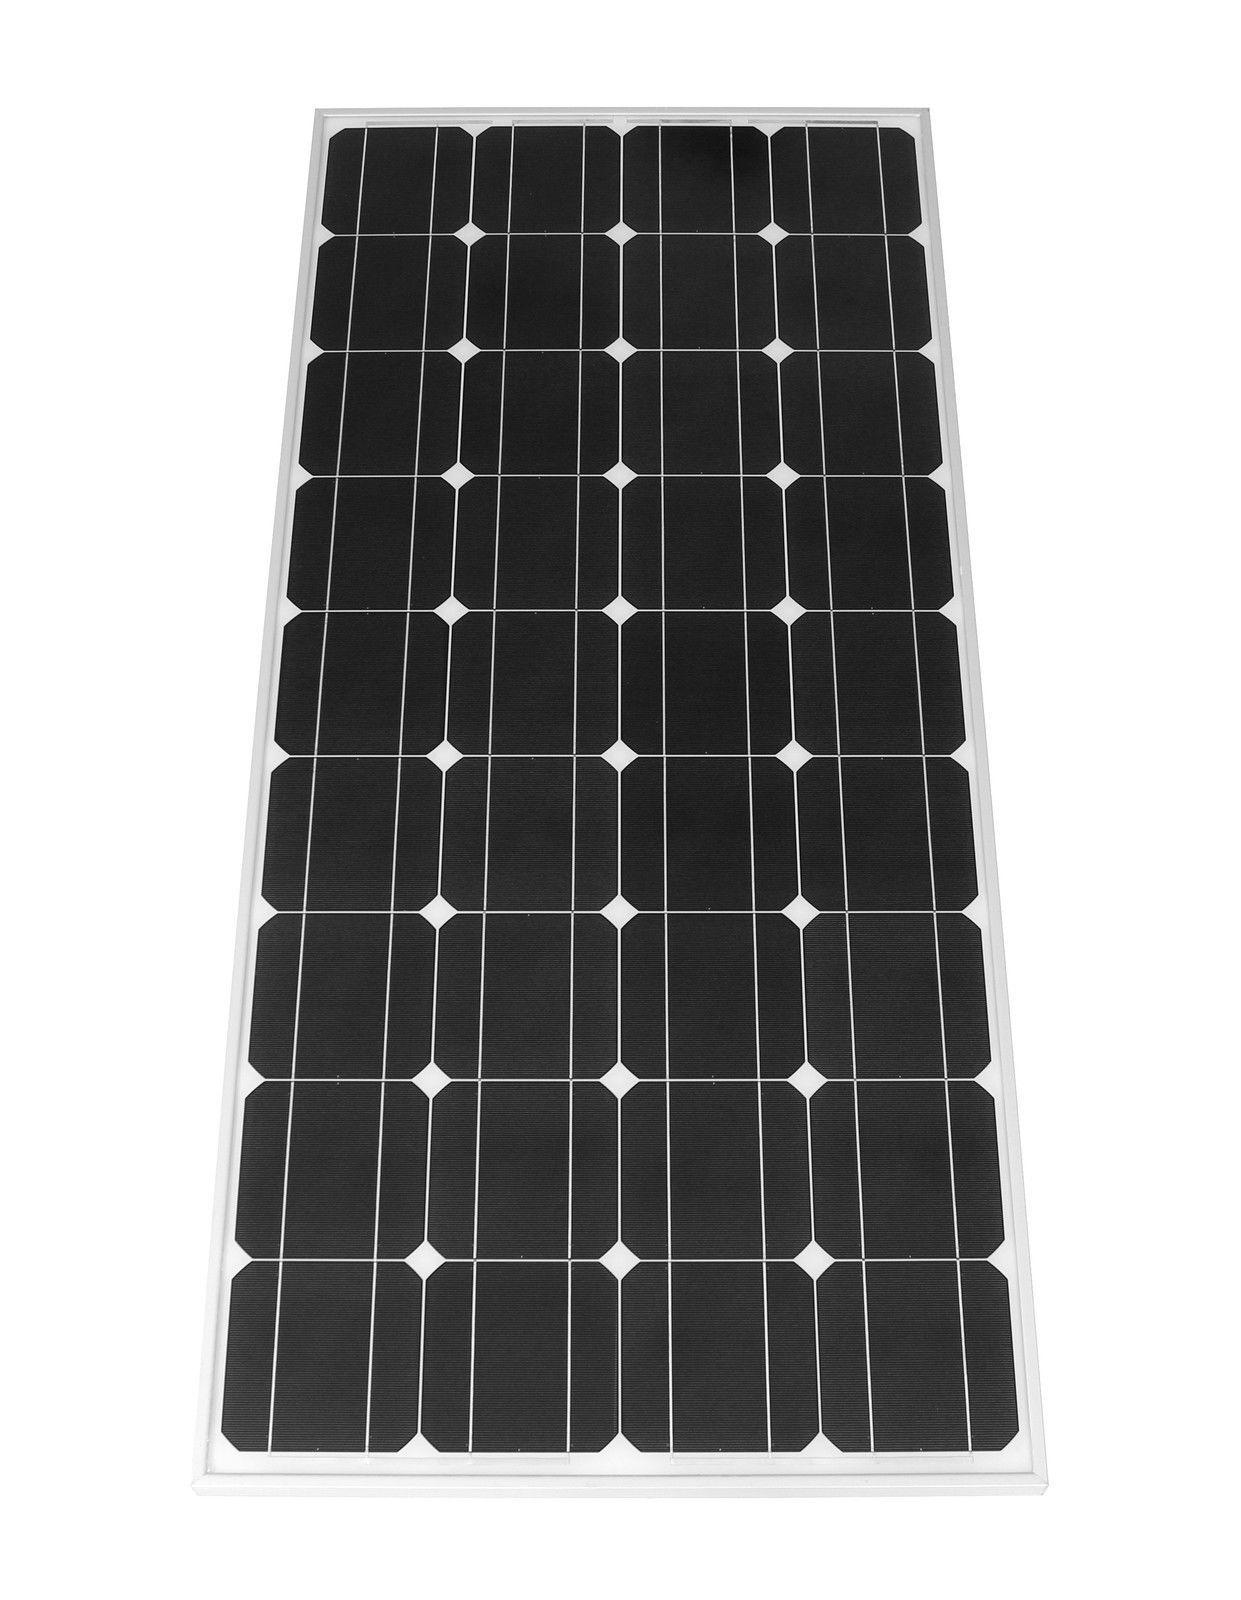 Solarmodul 150 Watt mono Solarzelle Solarpanel Photovoltaik TÜV Zertifikat